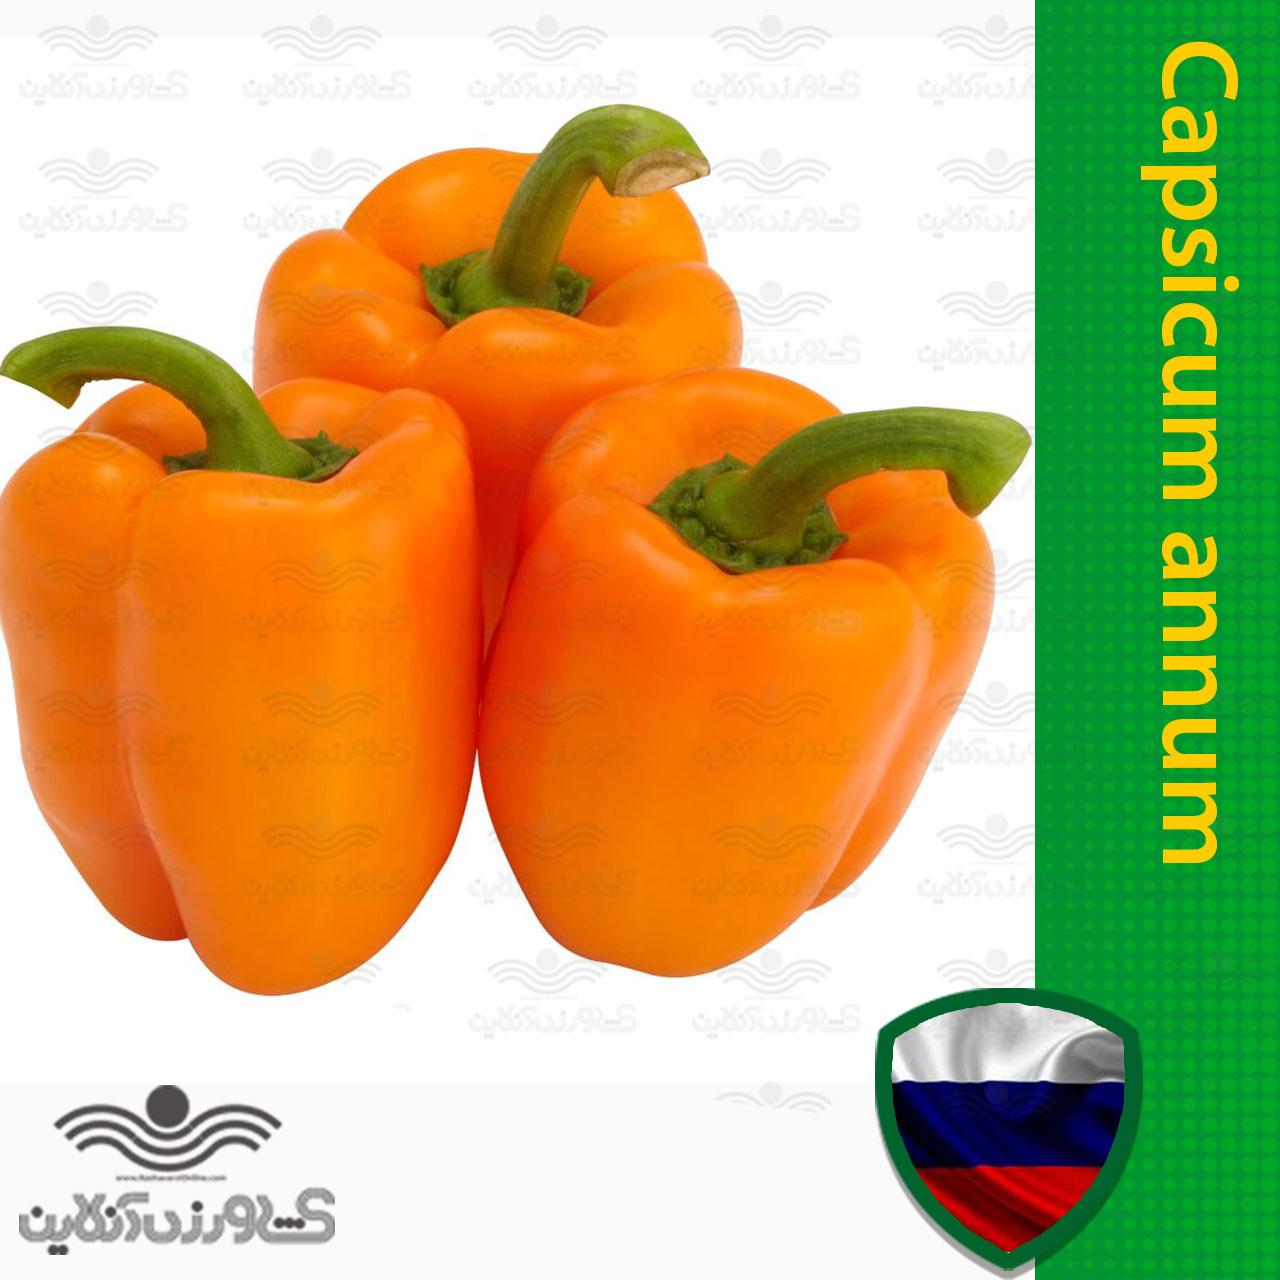 بذر فلفل دلمه ای نارنجی هیبرید خارجی